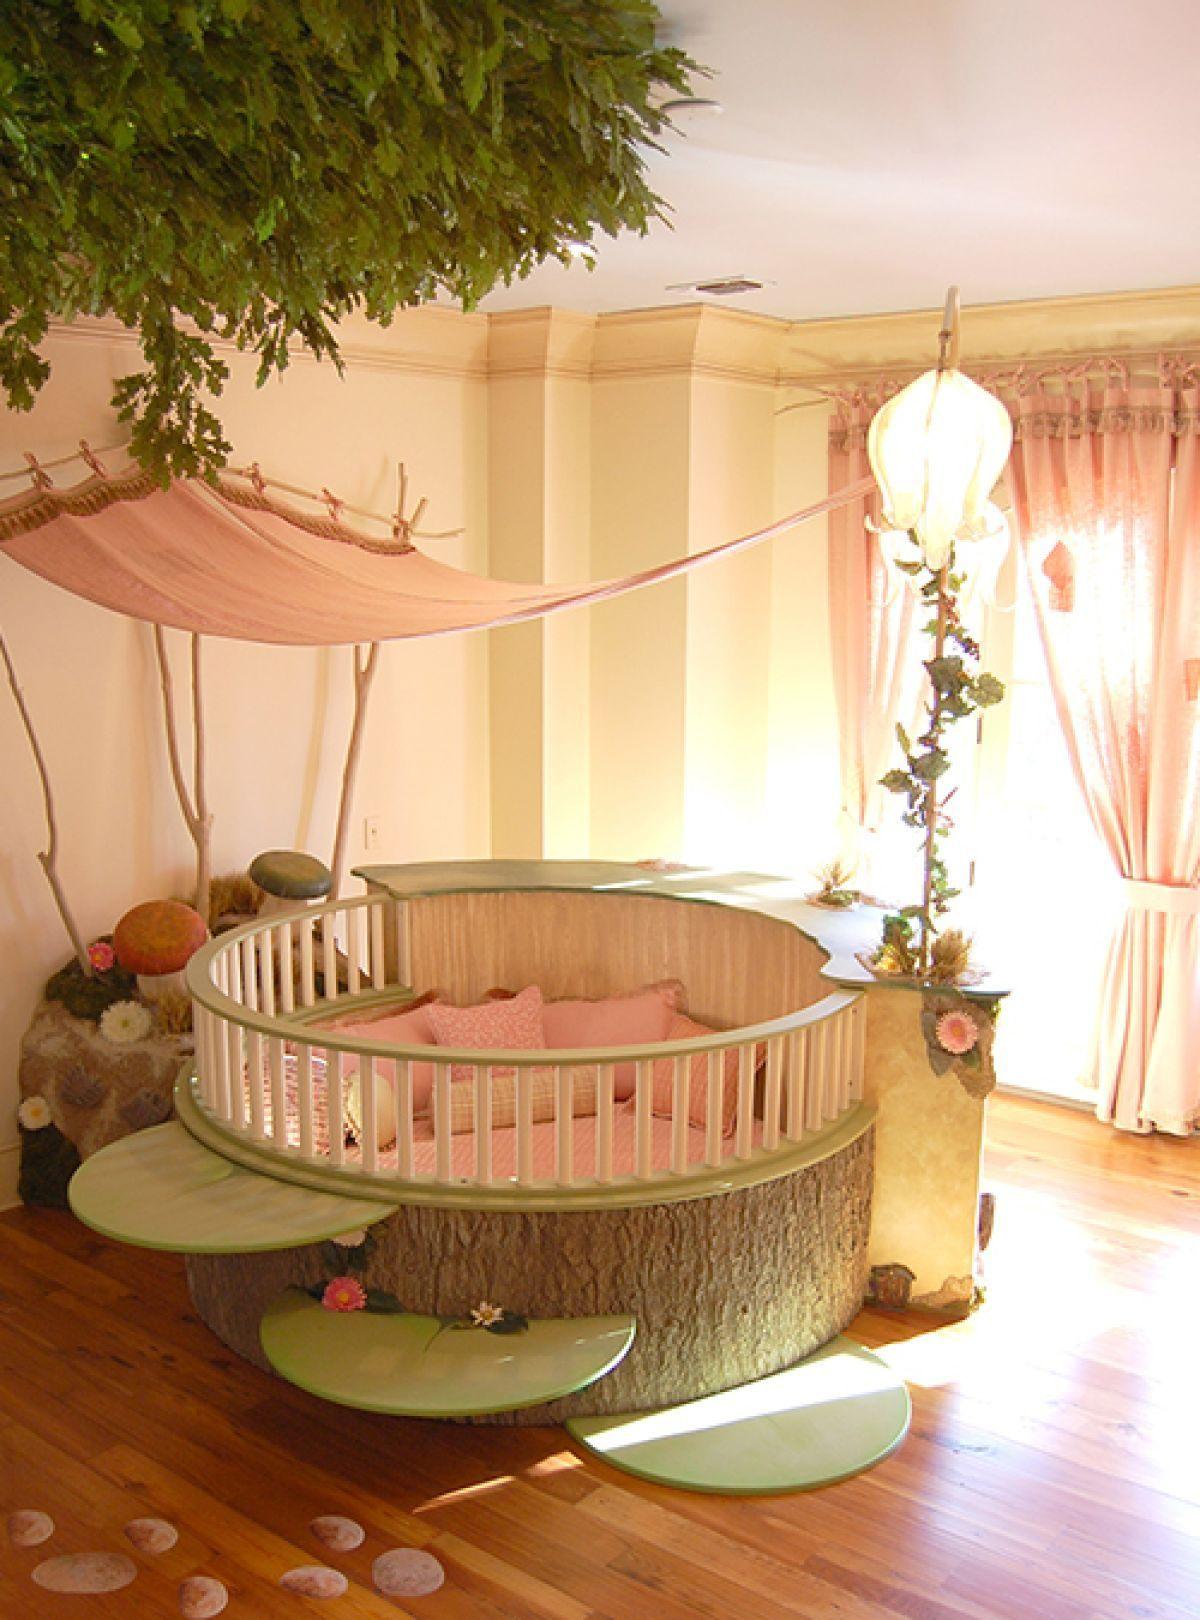 Lit Bebe Carrosse Joli 10 Fantastic Ideas for Disney Inspired Children S Rooms